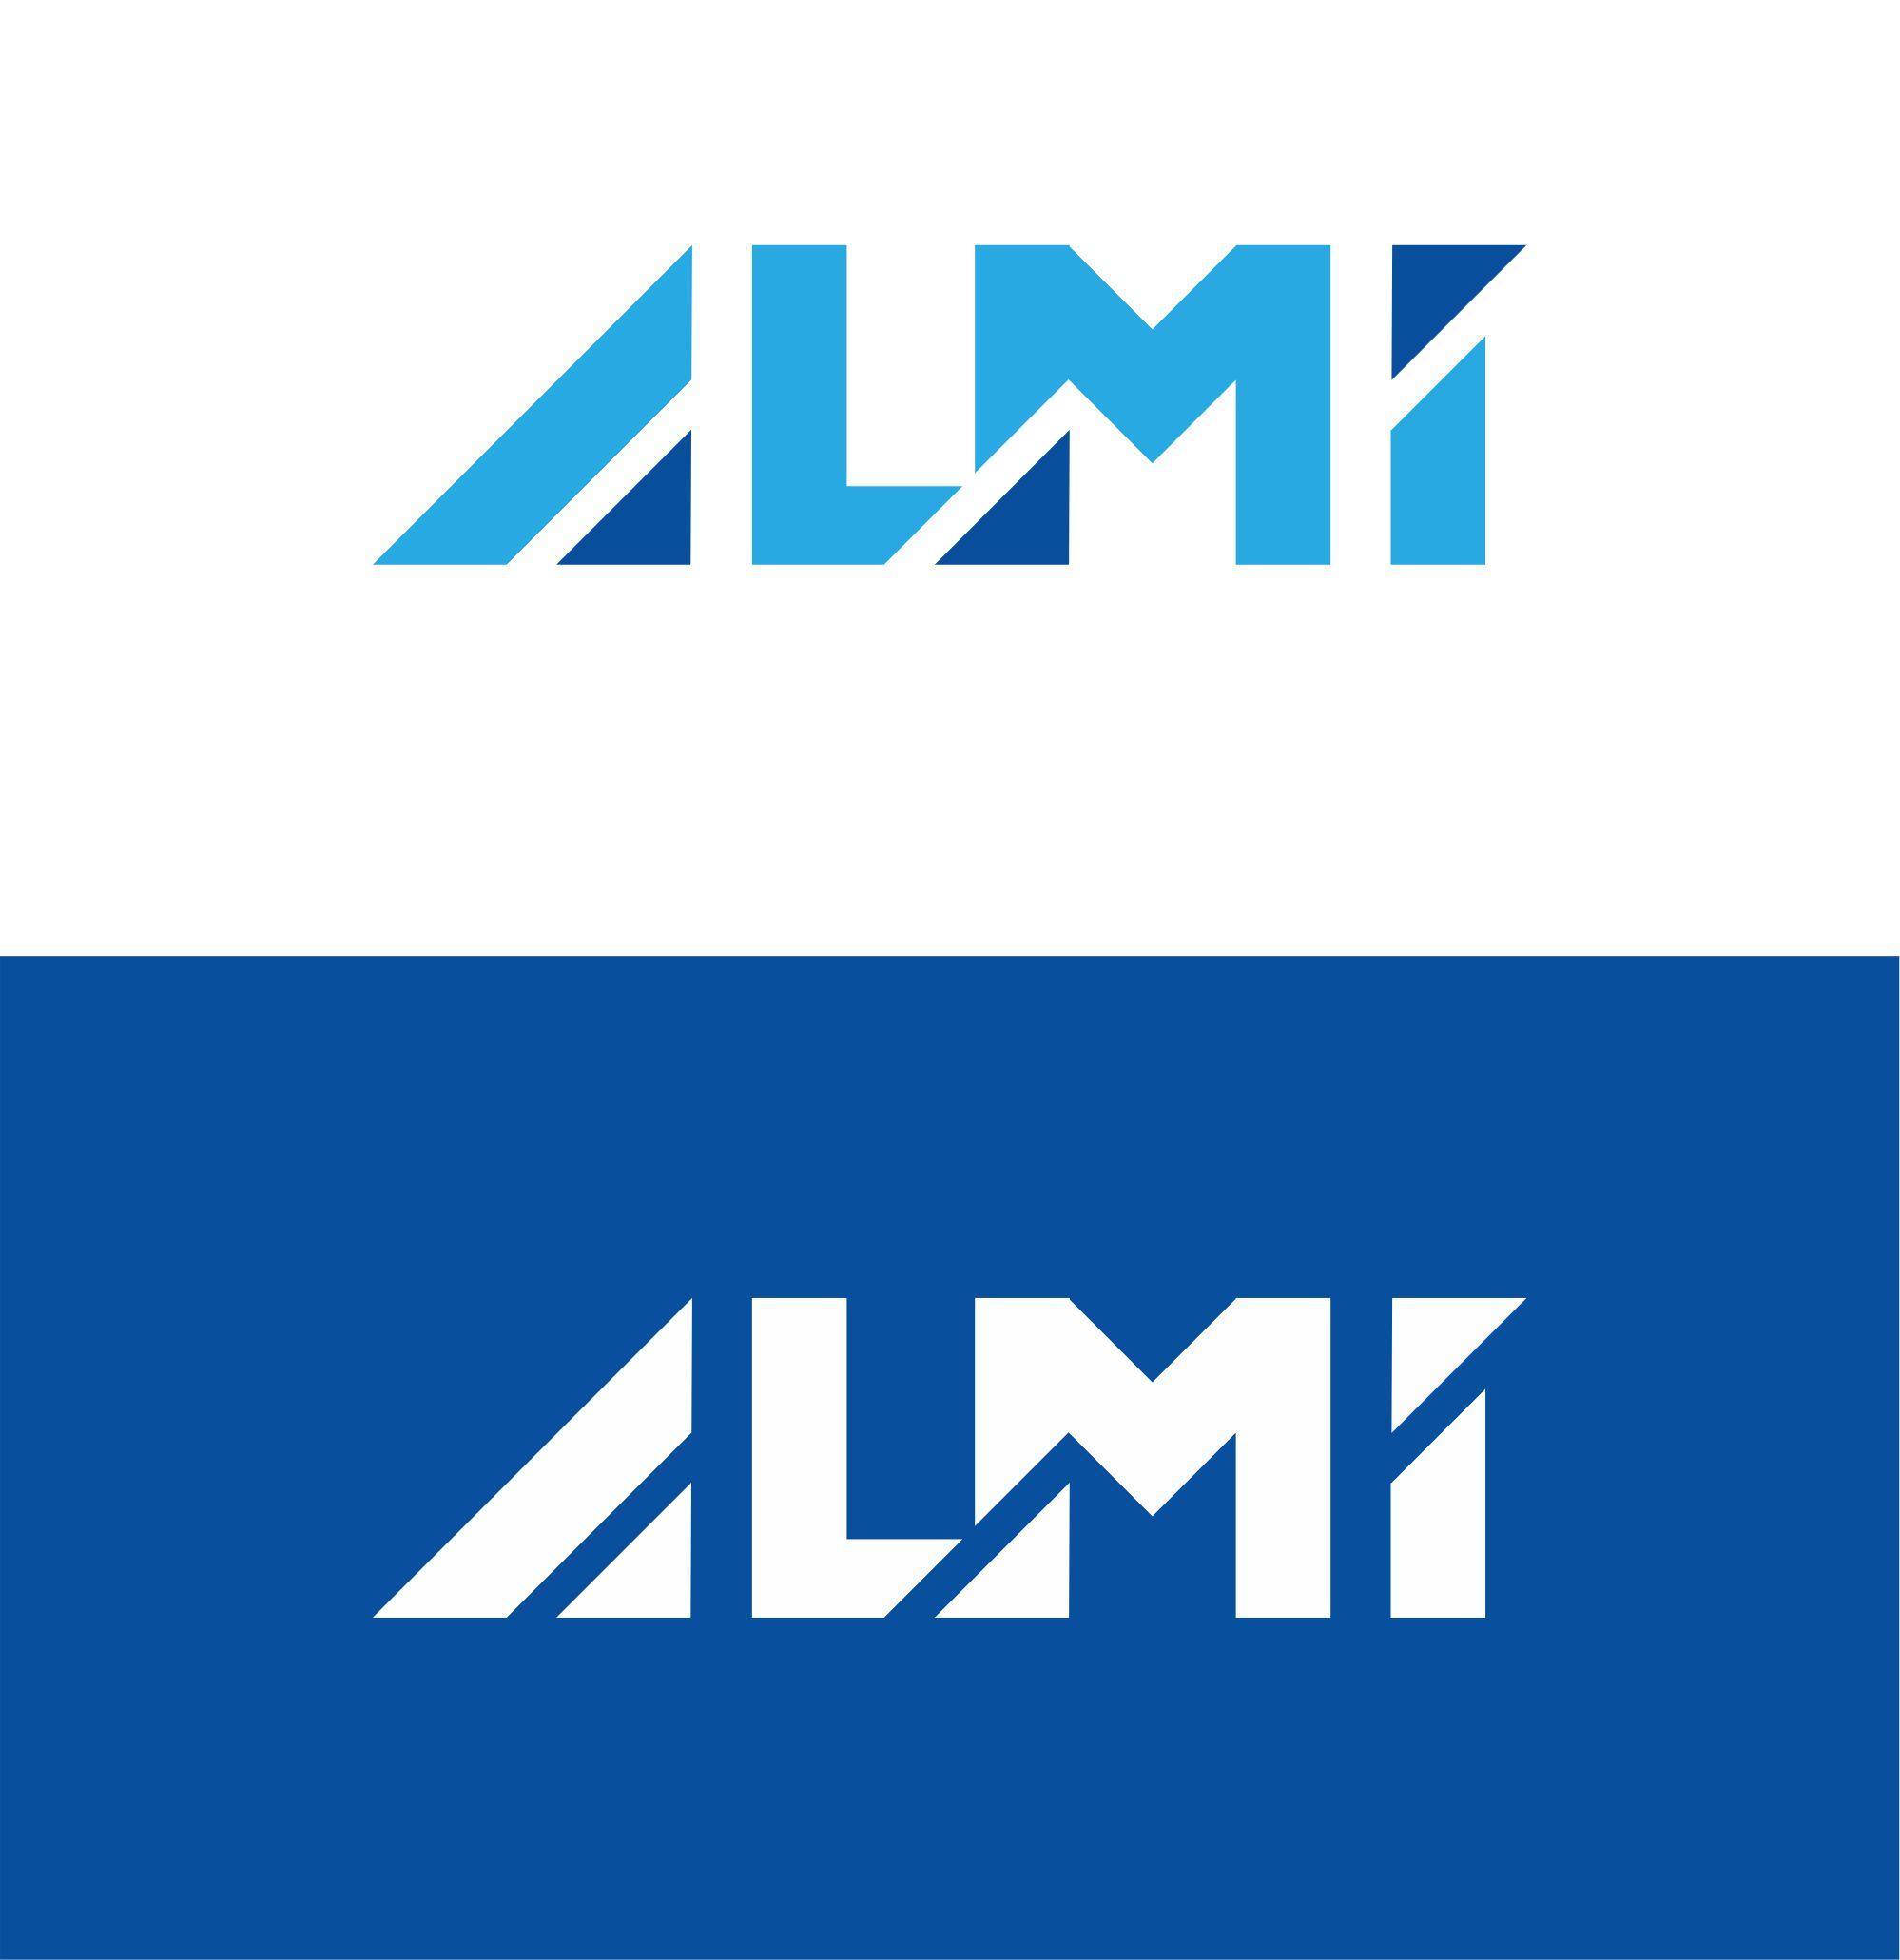 Разработка логотипа и фона фото f_687598b1586a0d0c.jpg